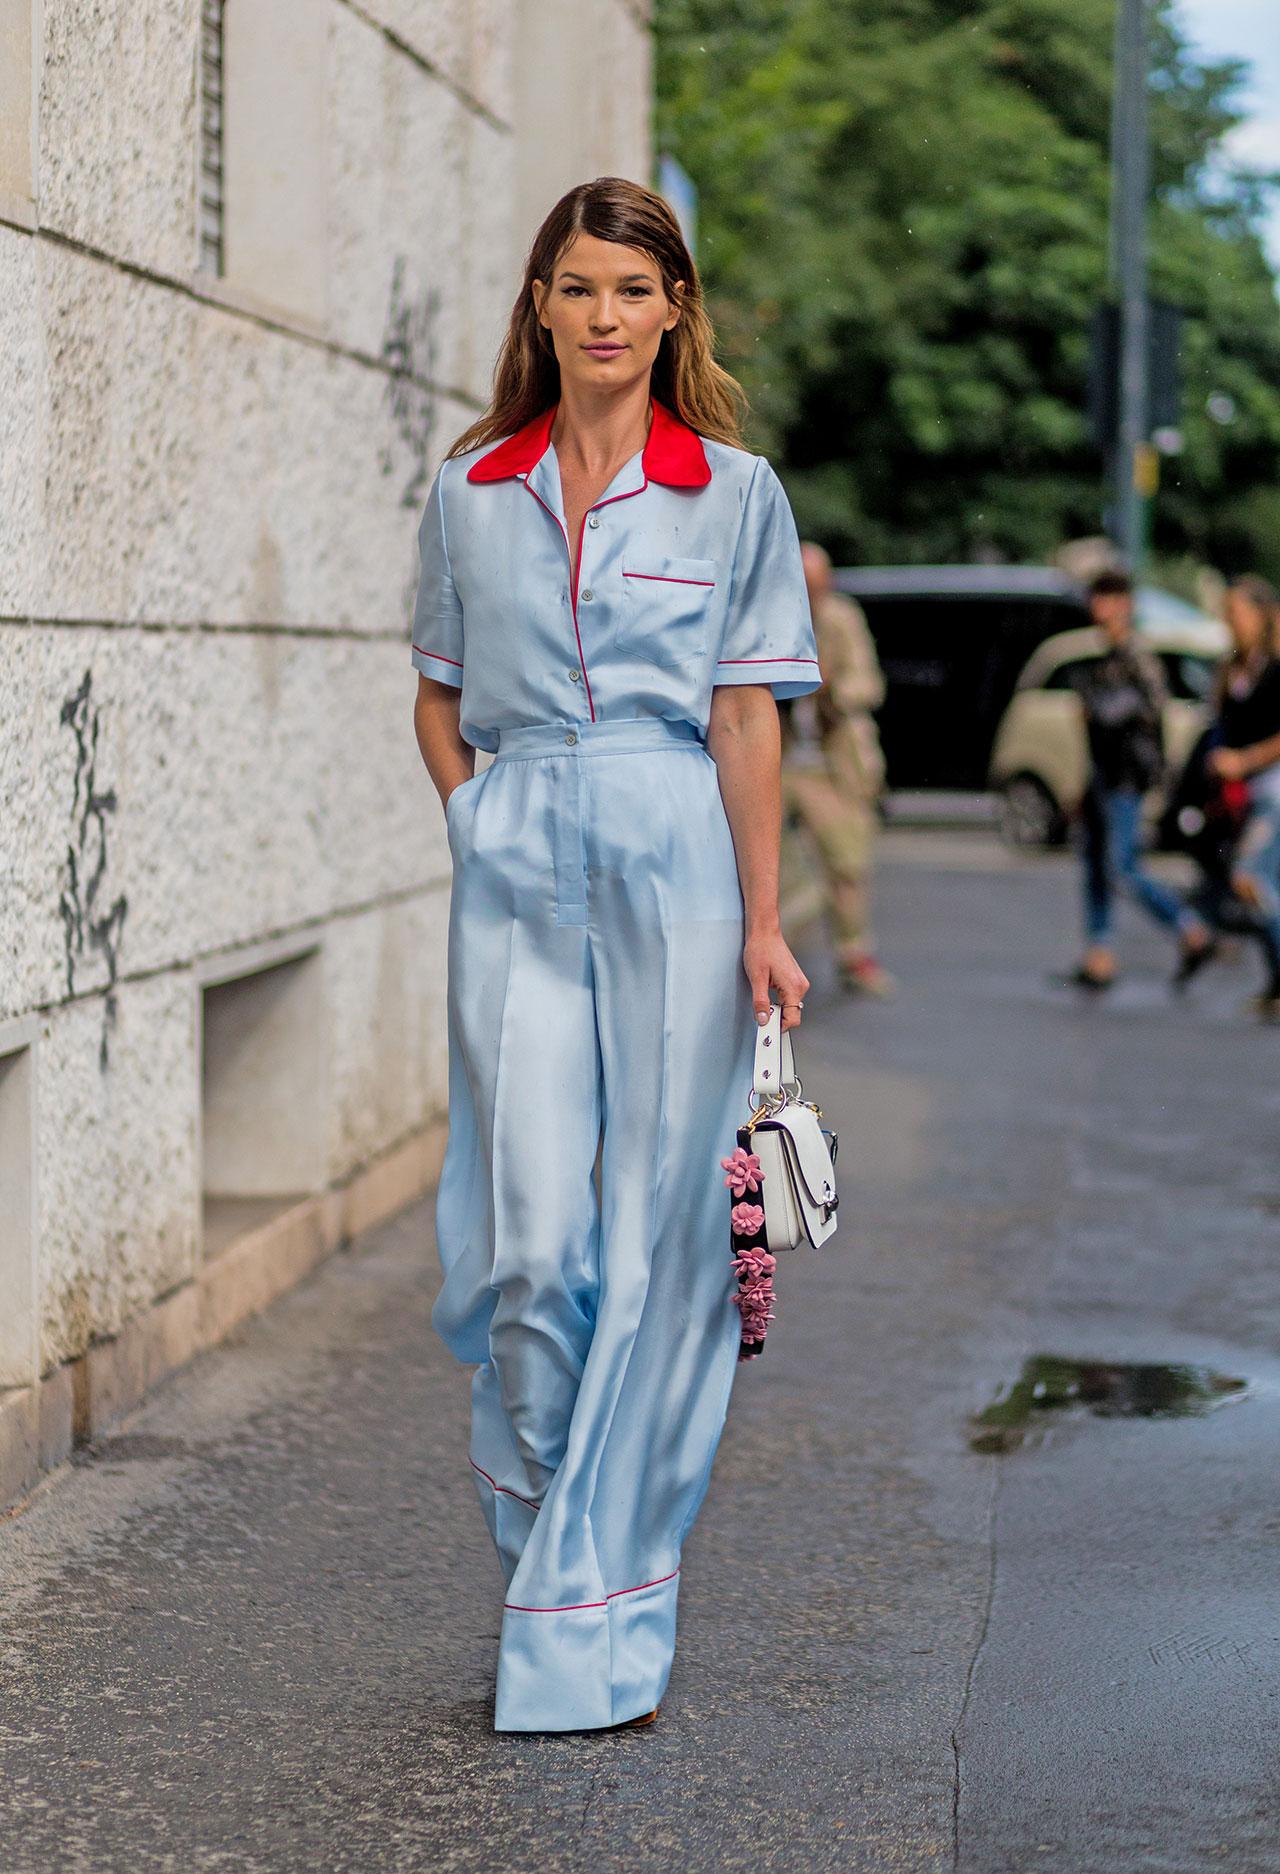 Костюм-пижама: 15 трендовых образов на каждый день